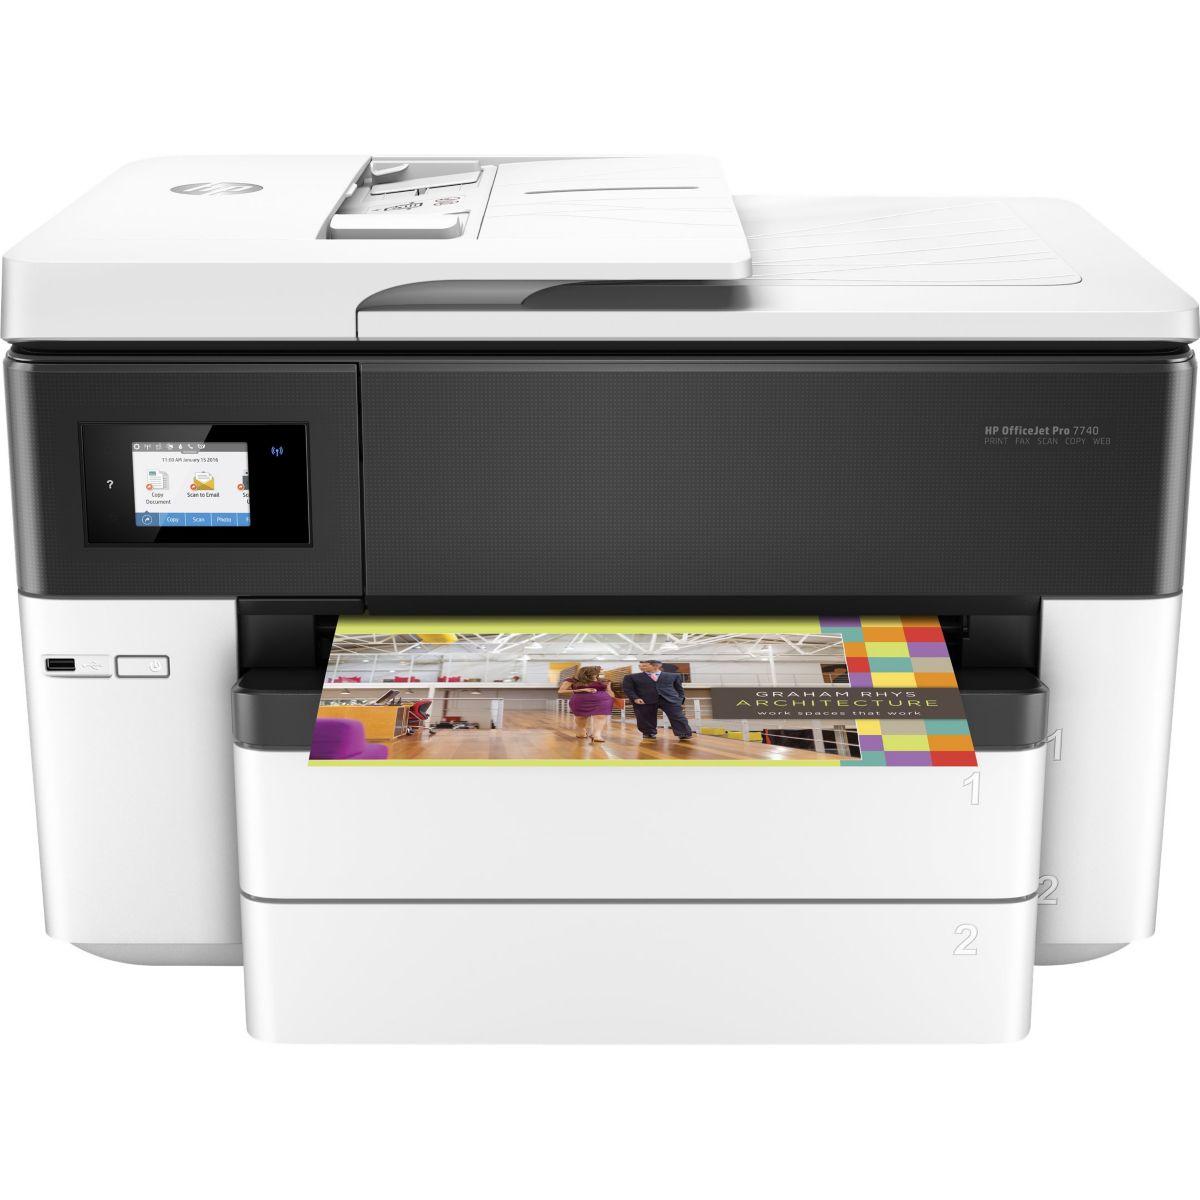 Imprimante jet d'encre HP Office Jet Pro 7740